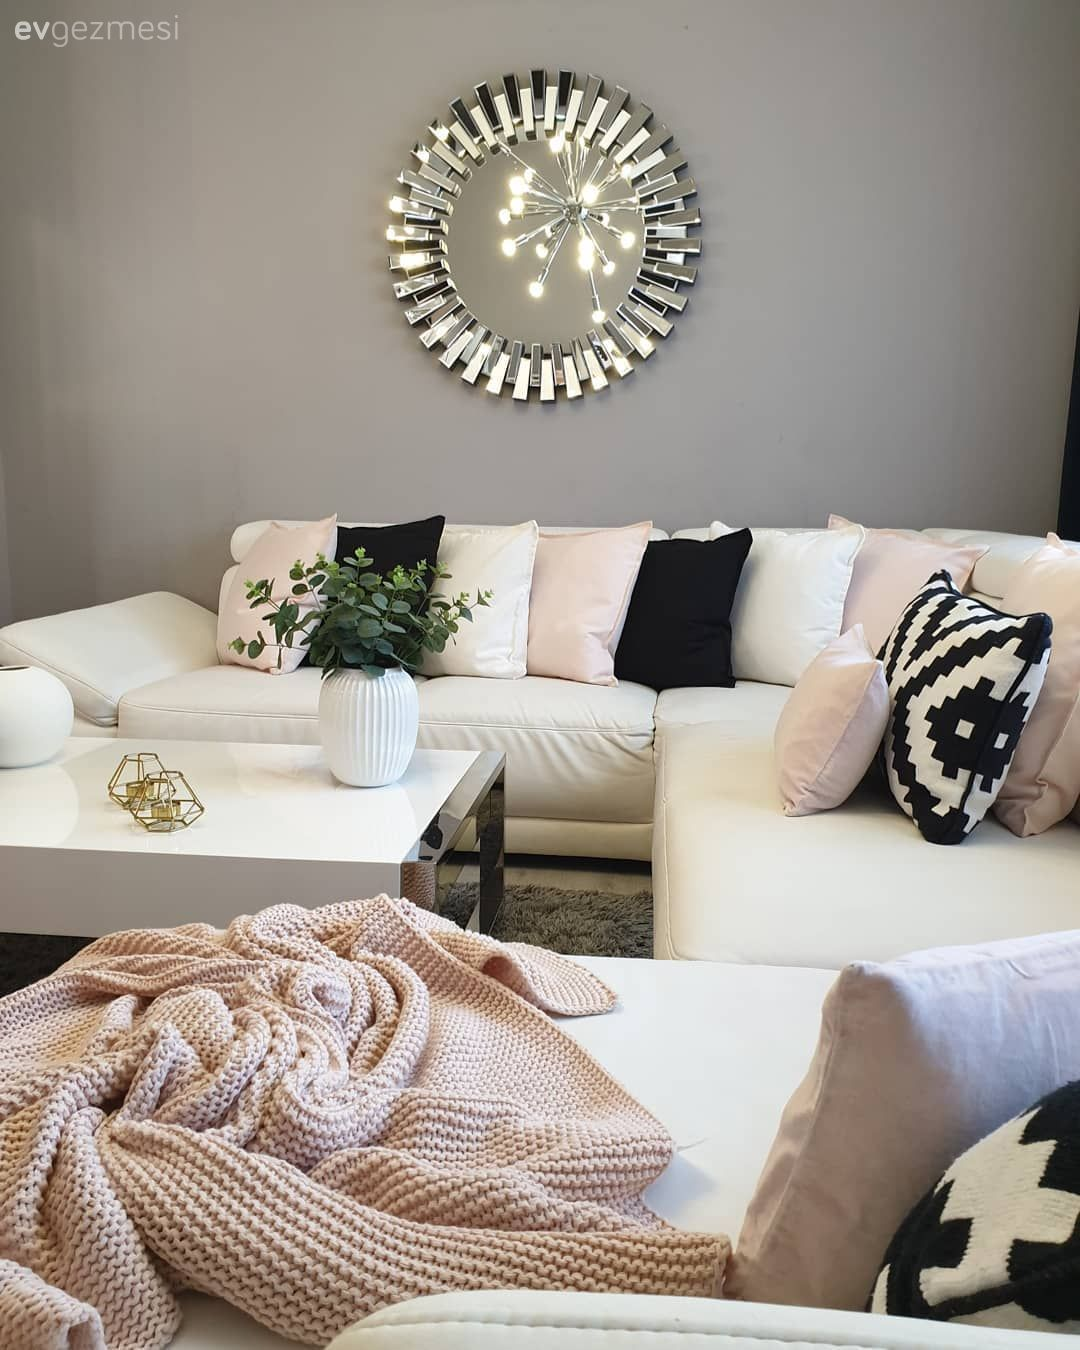 Bu Evde Modern Dekor Aksesuarlarla 3 Farkli Gorunume Burunuyor Ev Gezmesi Dekor Ev Dekoru Modern